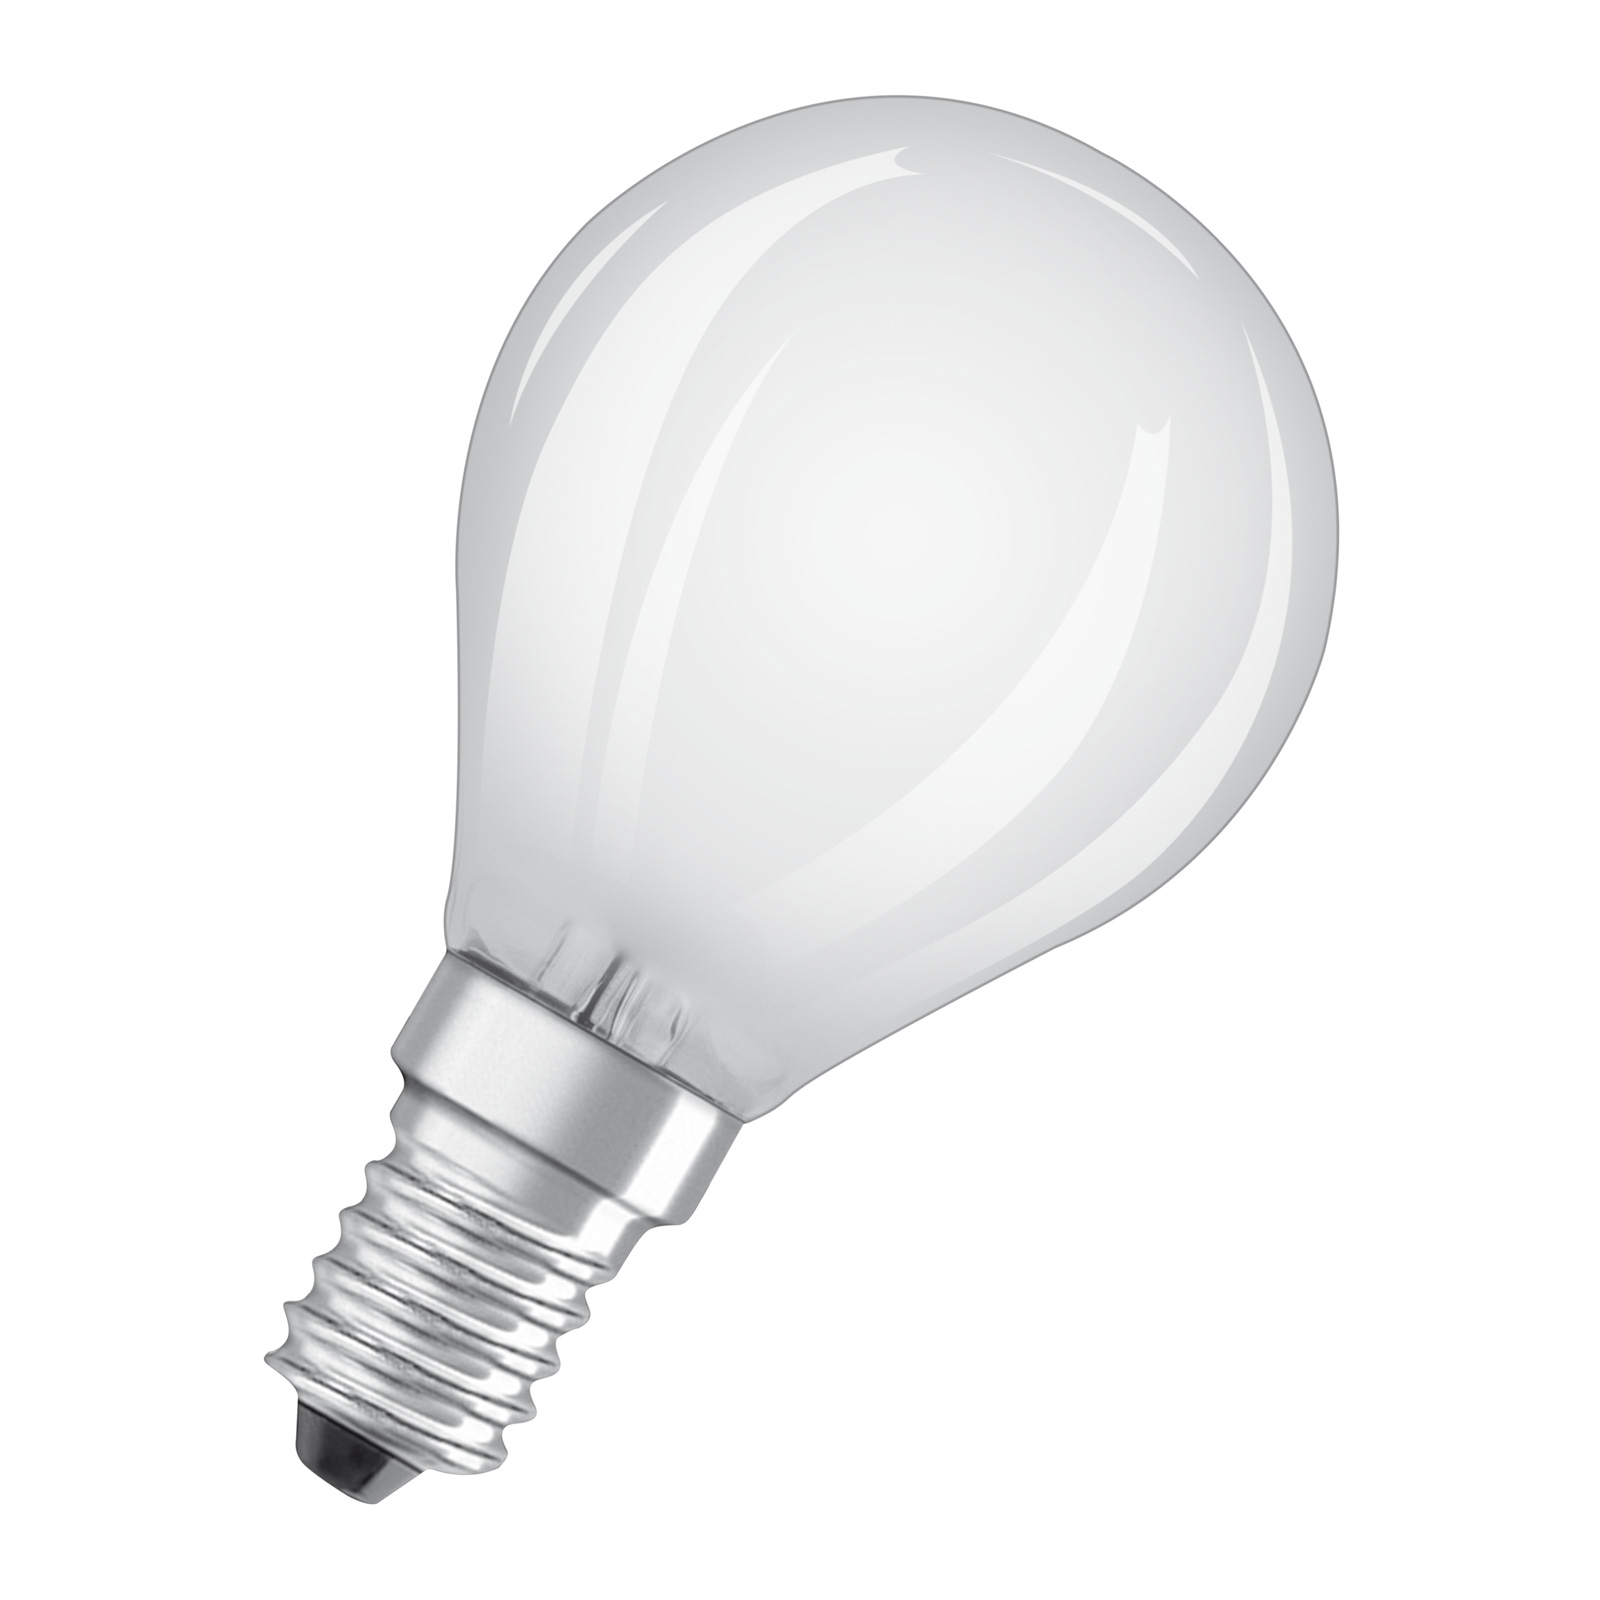 OSRAM-LED-lamppu E14 4W Classic P 2 700 K matta